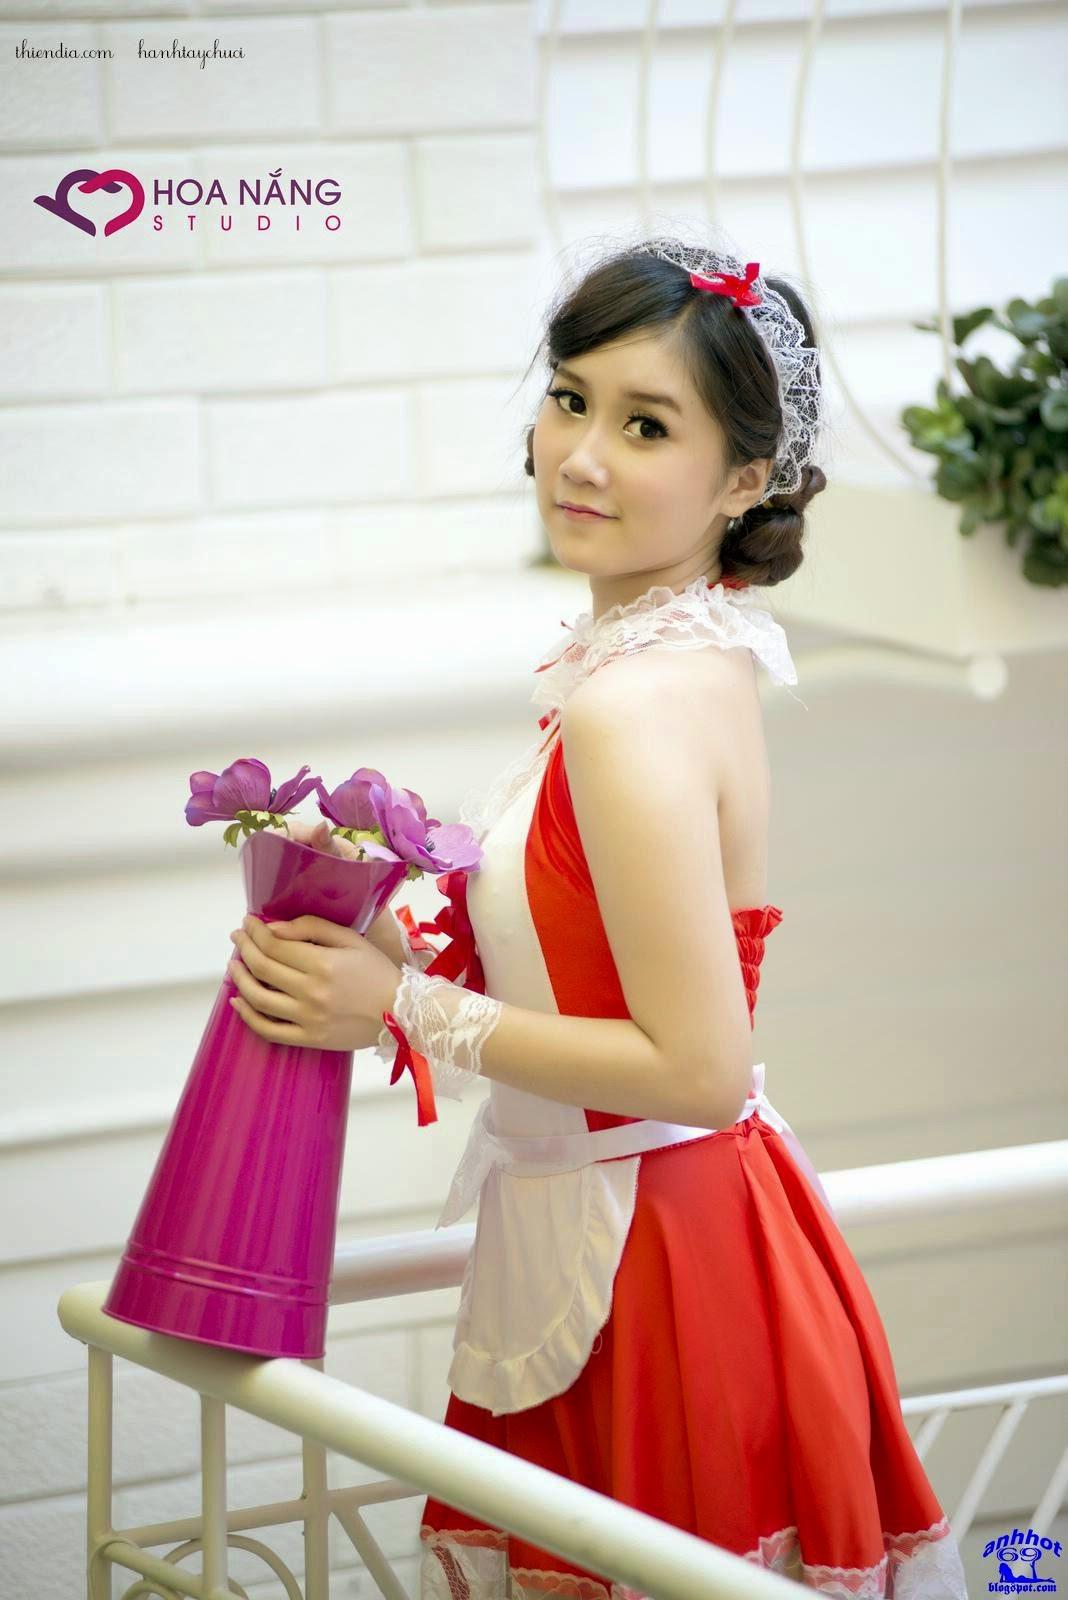 hau_ban_cute_8885554328_fe3d2221ca